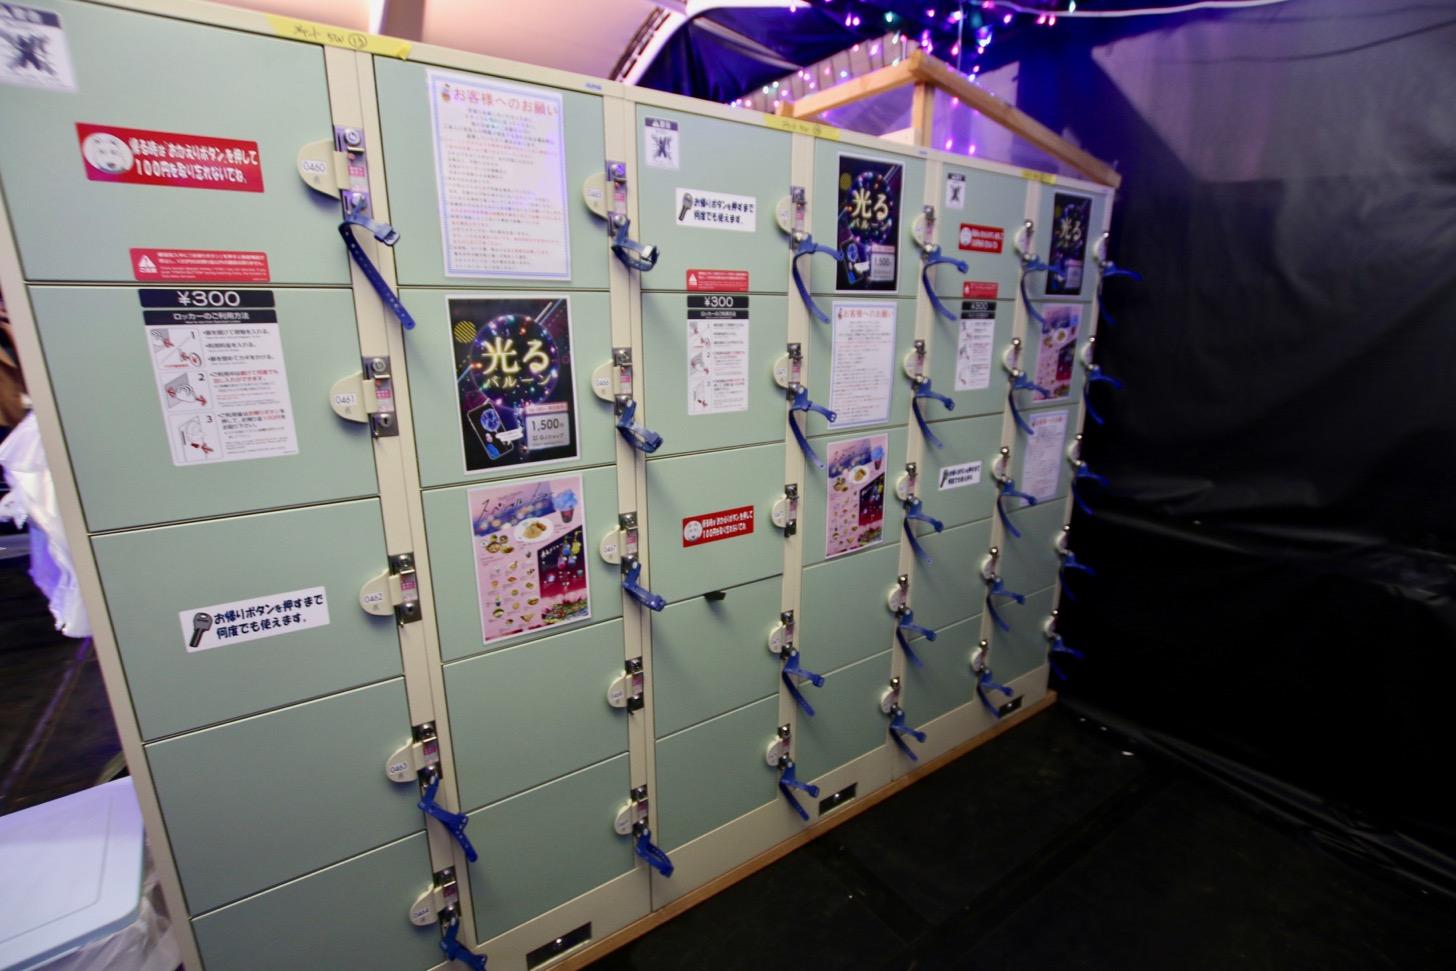 スケートリンク内にある荷物を預けられるロッカー(300円)